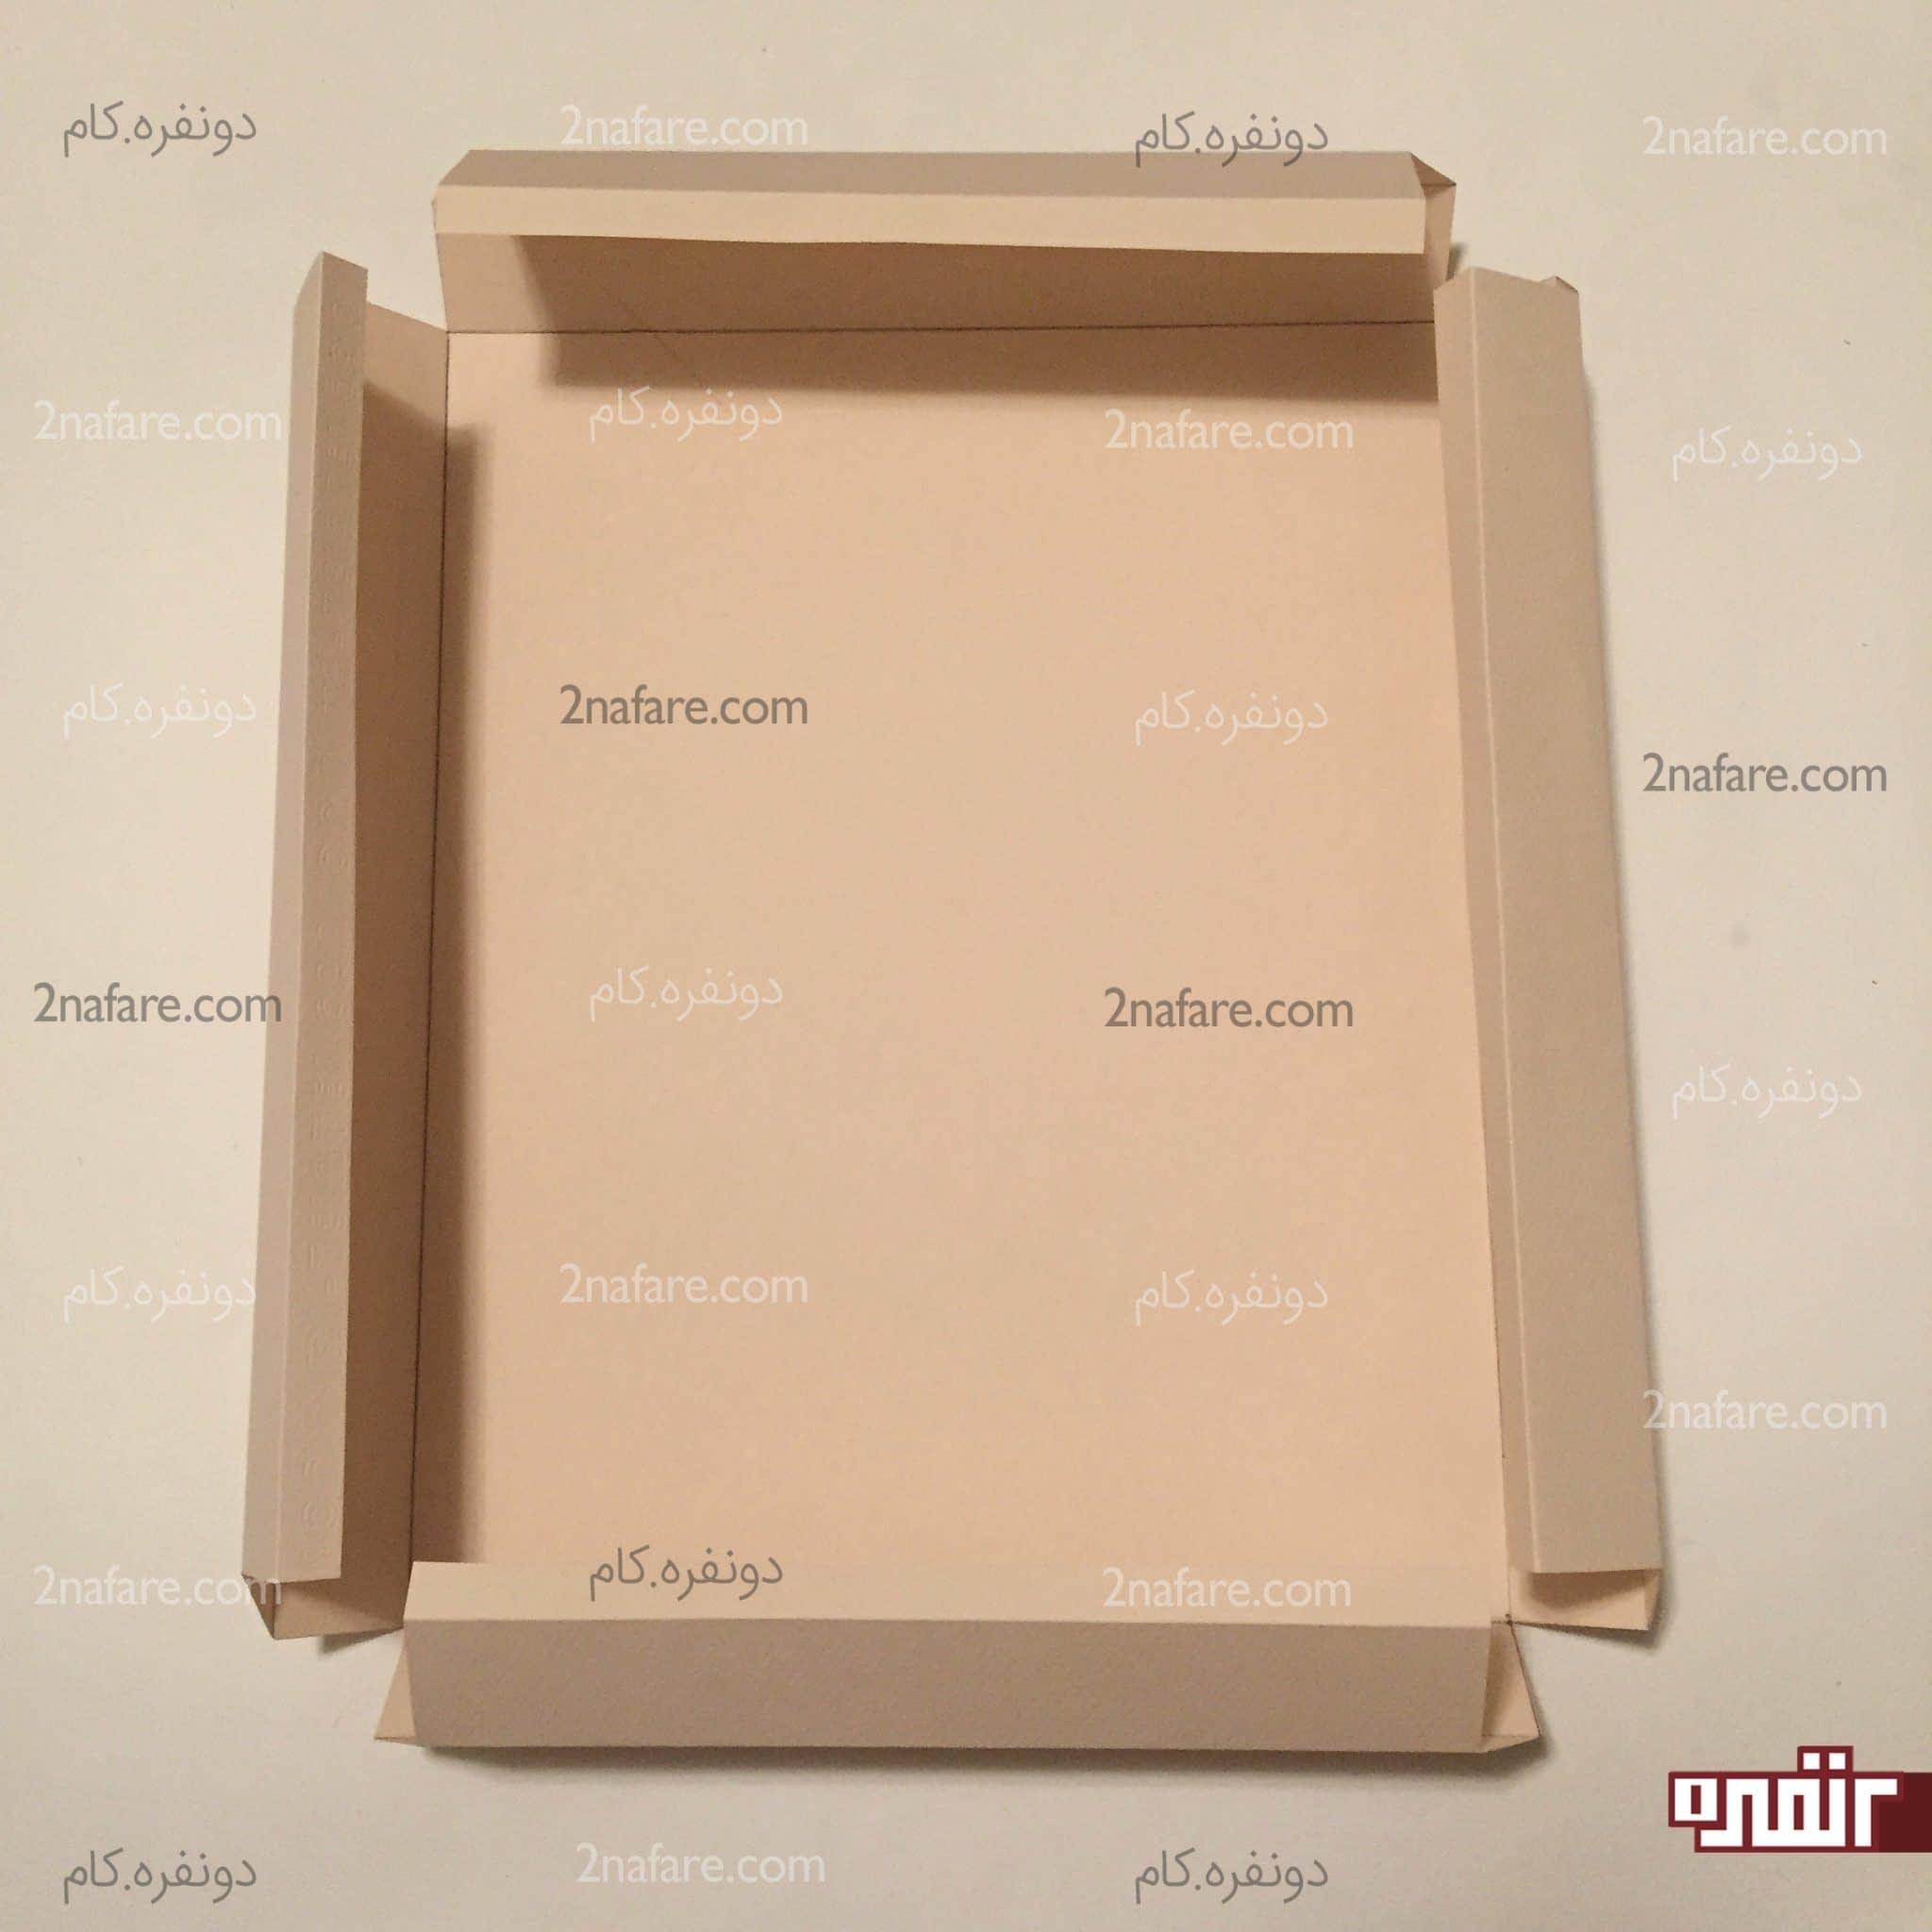 الگو کشیده شده جعبه مکعب آموزش ساخت جعبه شیرینی و شکلات مخصوص عید • دونفره